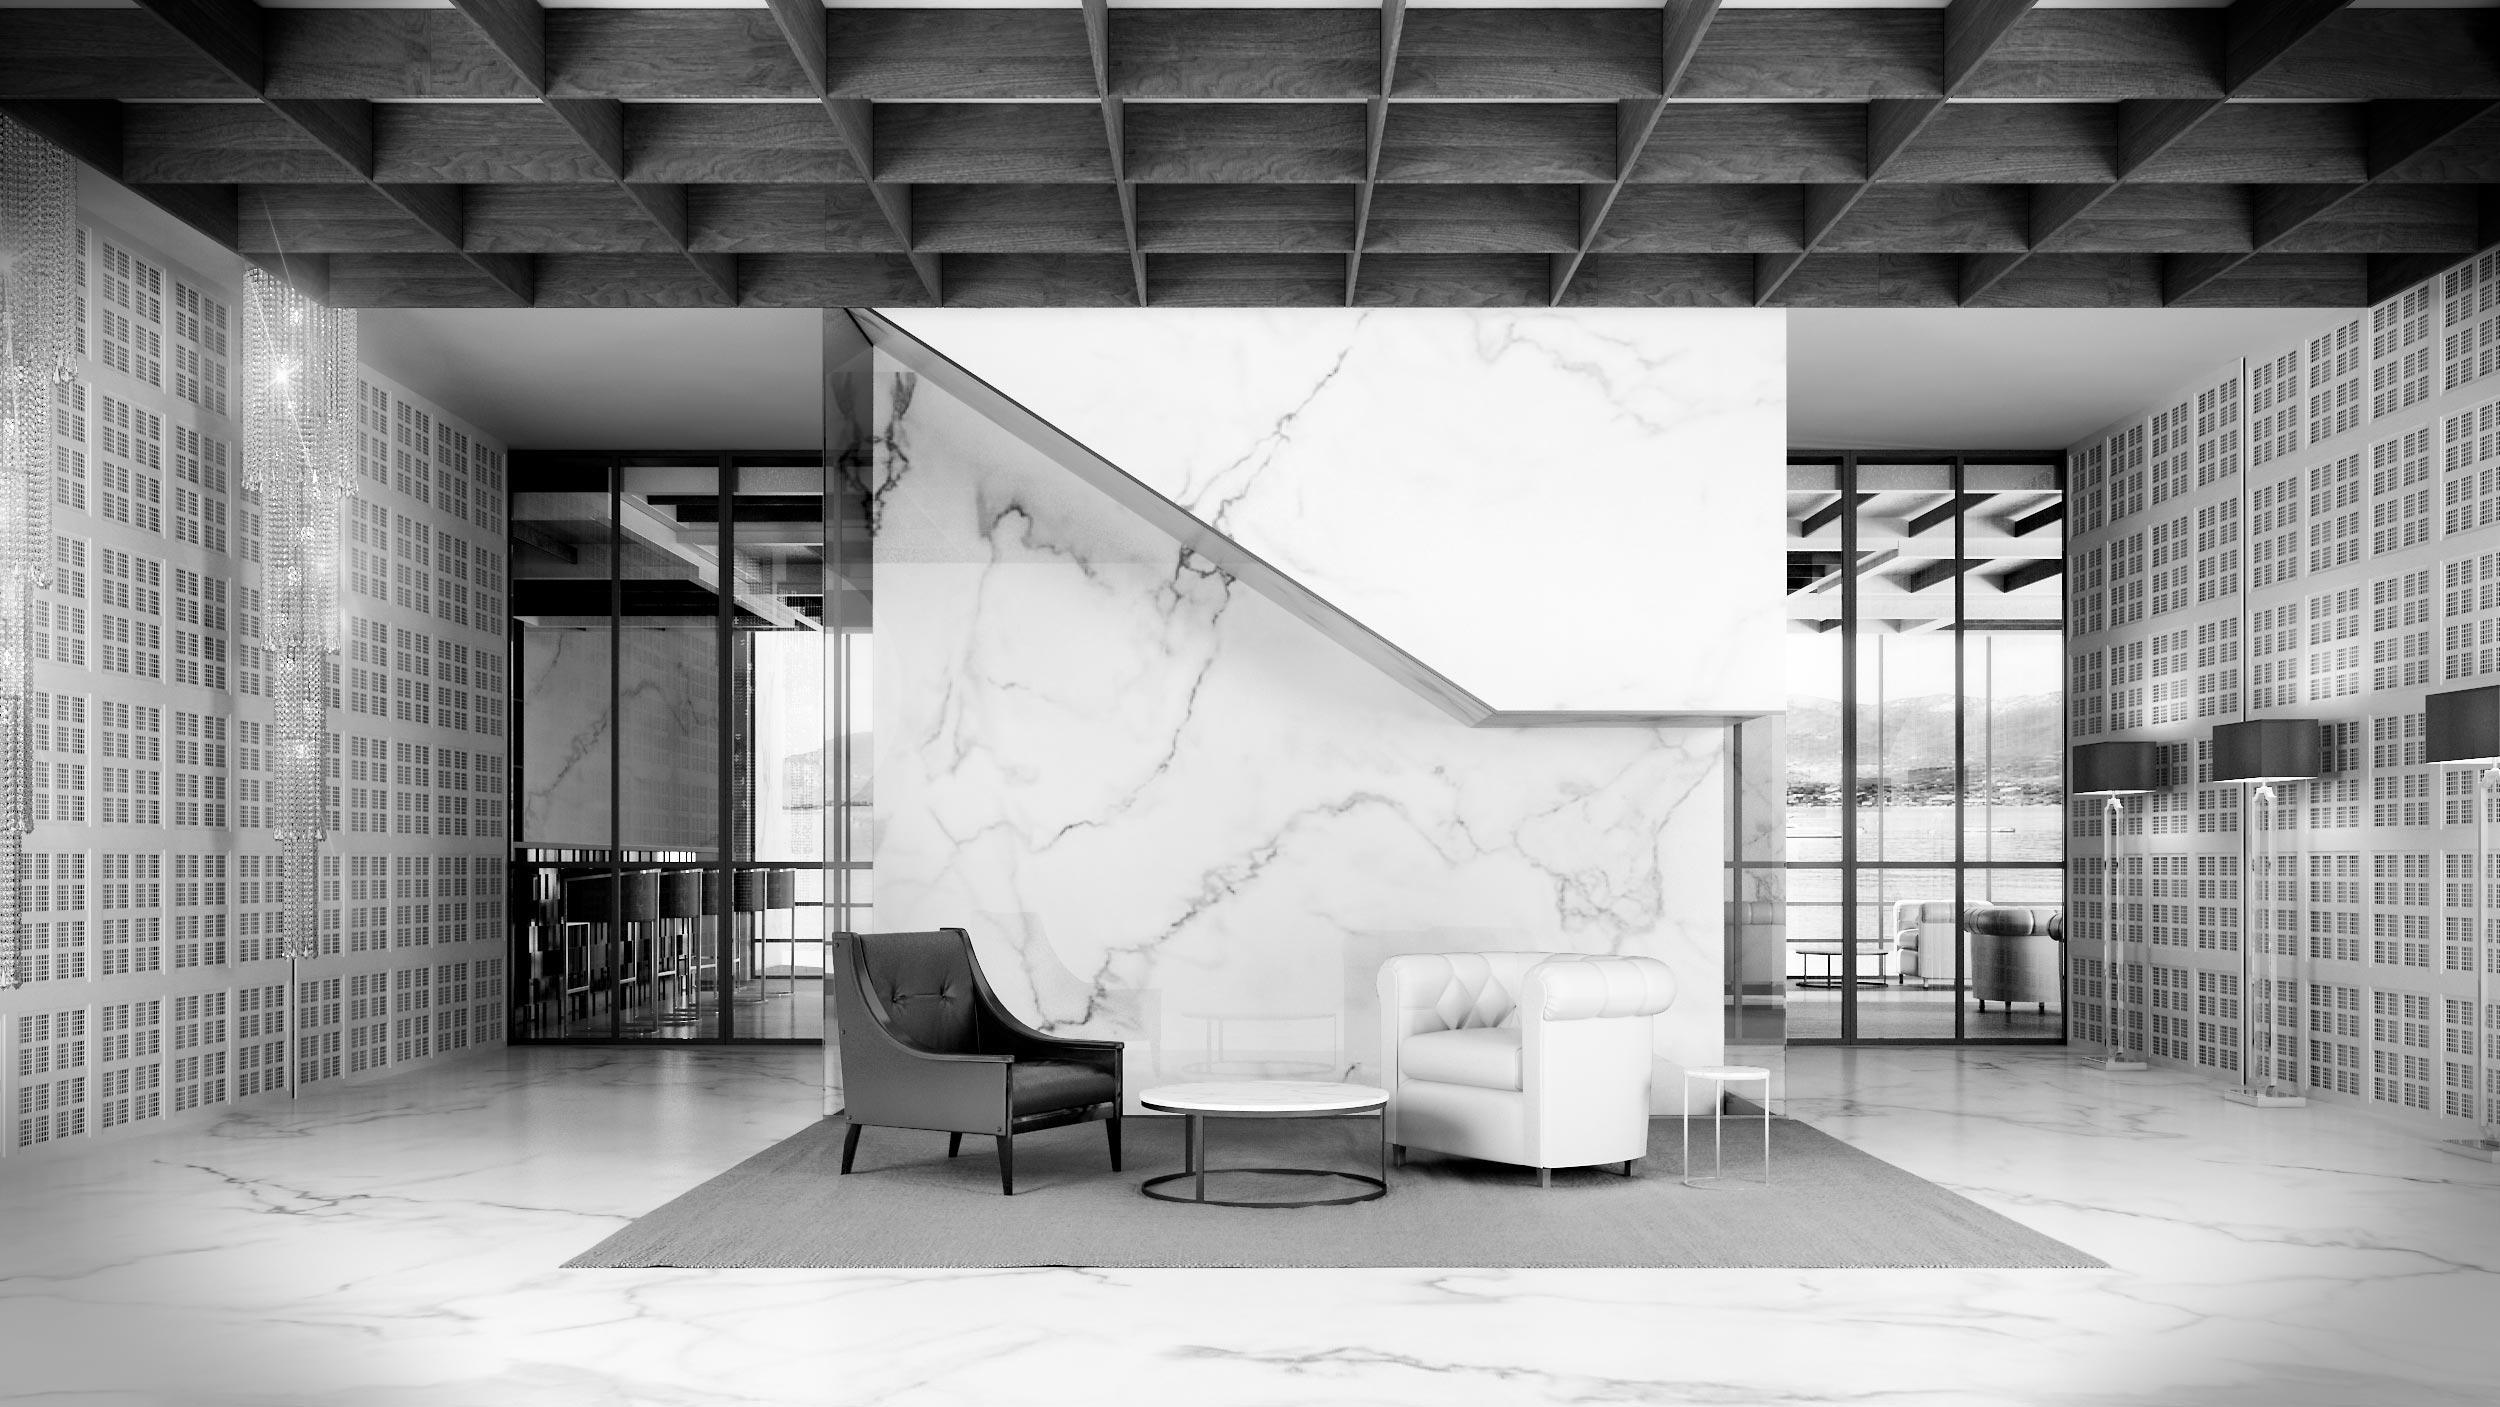 render-progetto-hotel-sirmione-brescia-lago-bar-marmo-bianco-nero-black-white